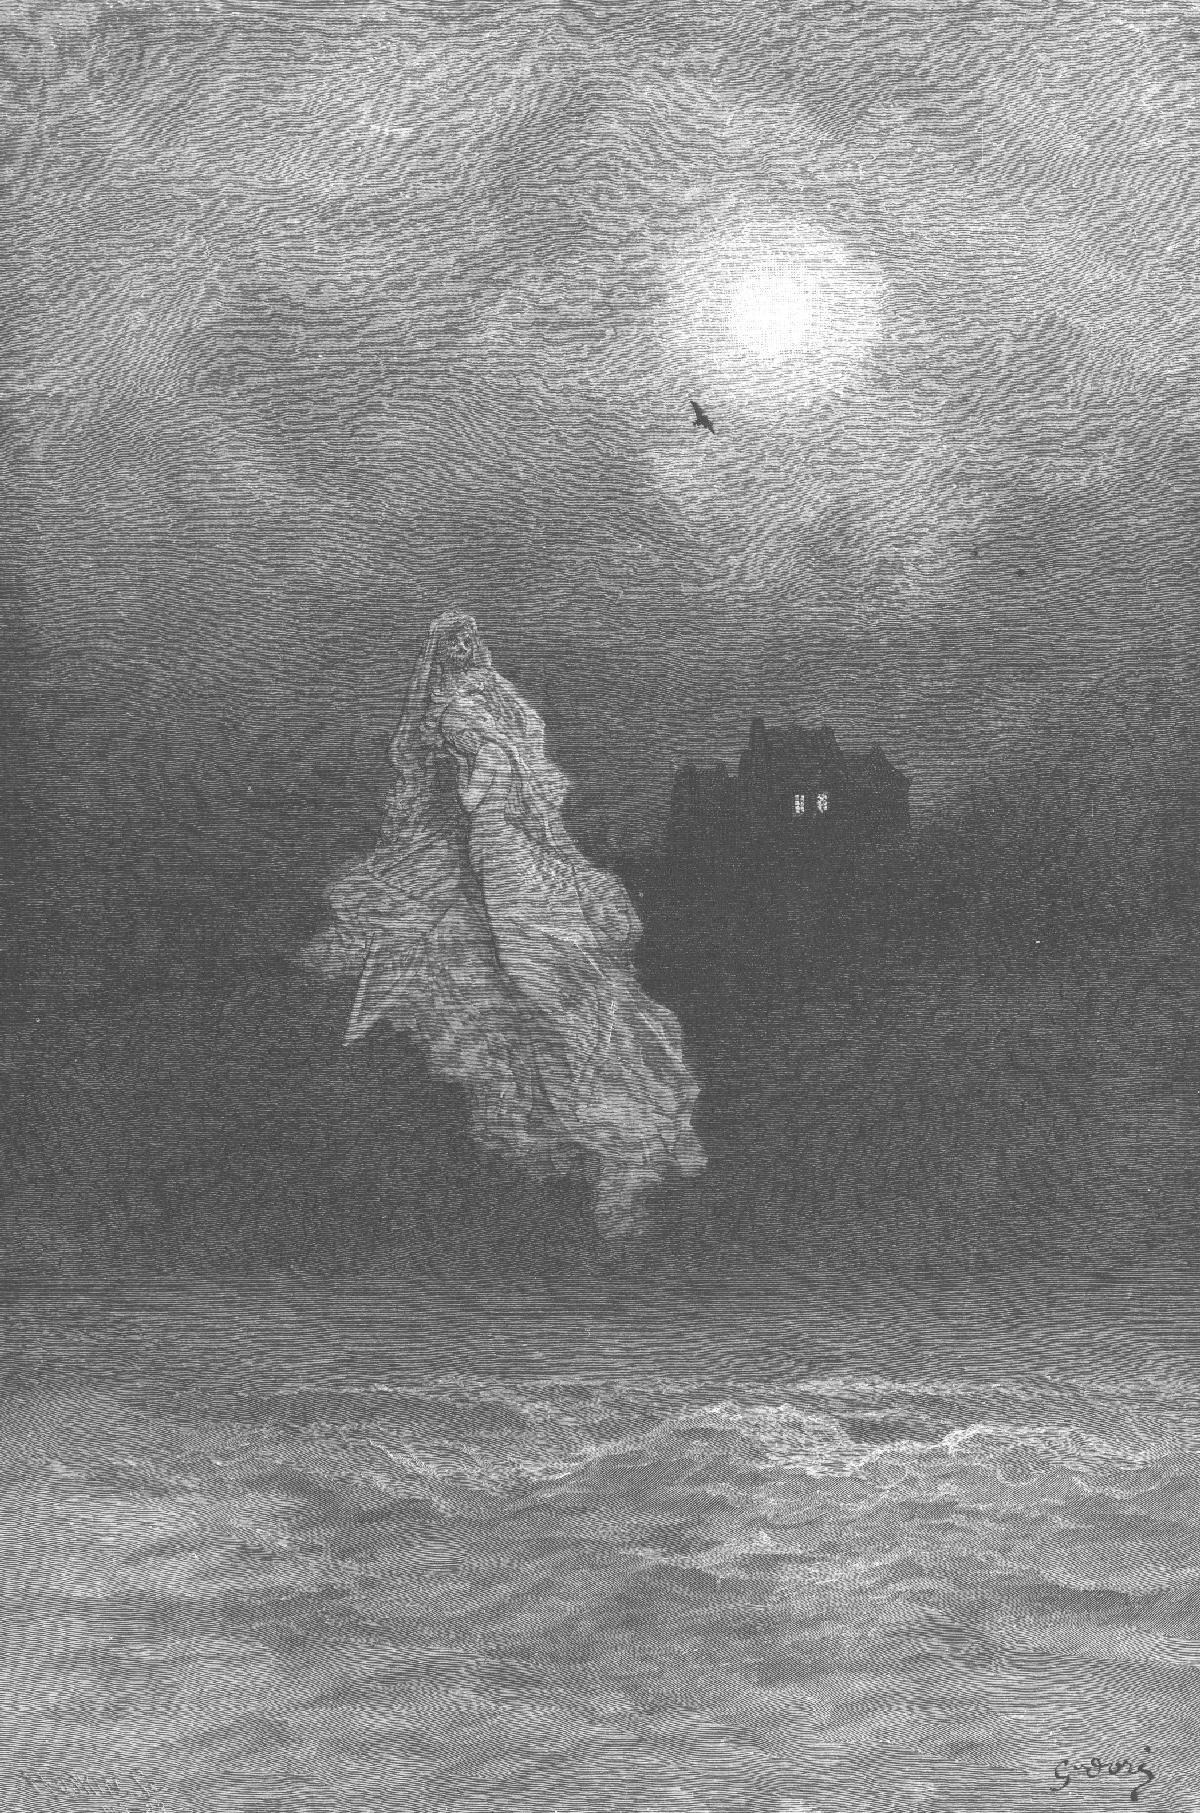 dore_the_raven_1884-24